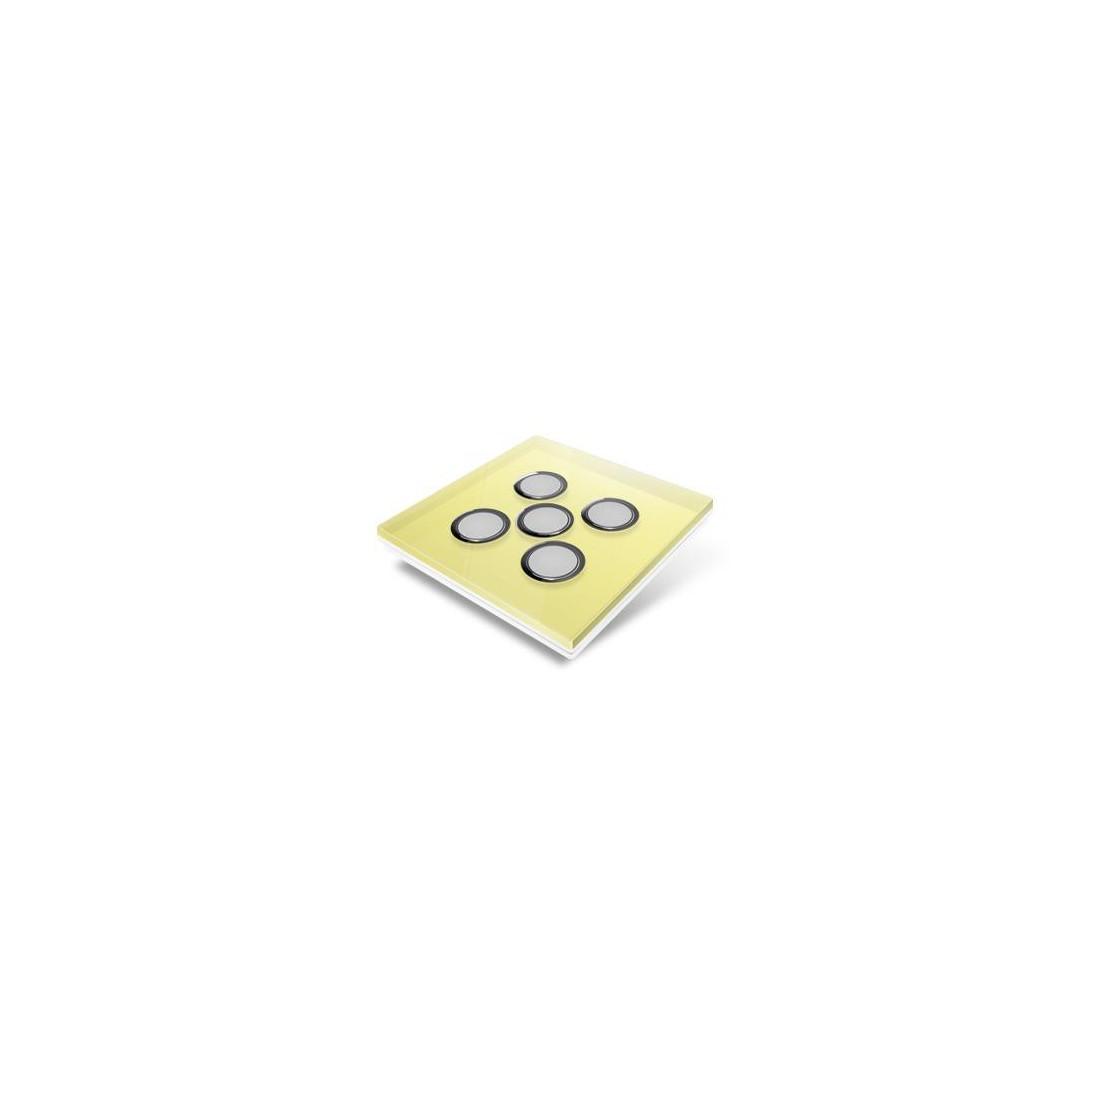 Plaque de recouvrement pour interrupteur Edisio - crystal Jaune